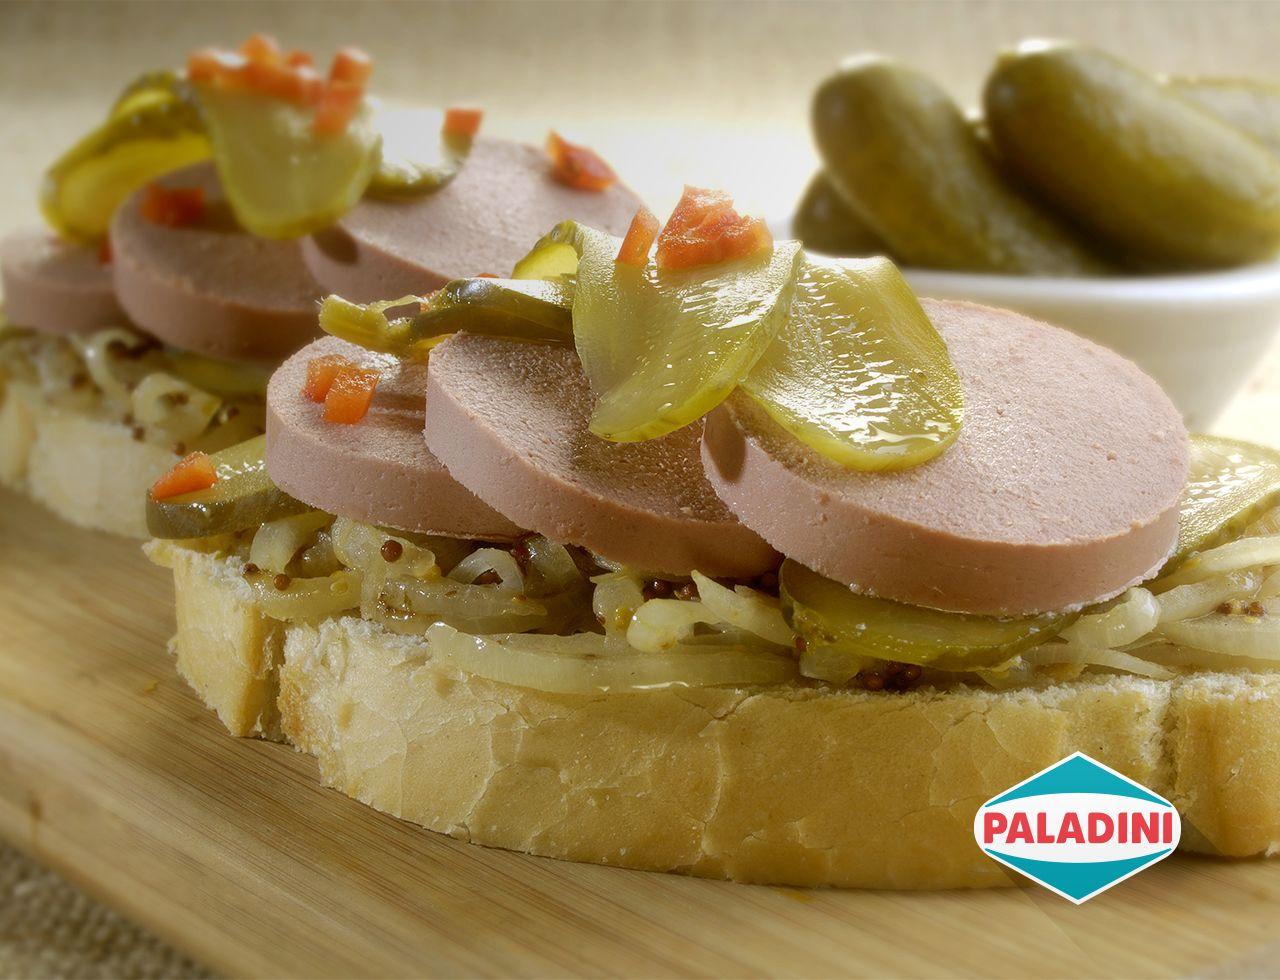 Las bruschettas siempre son bienvenidas, más si tienen Leberwurst Paladini.